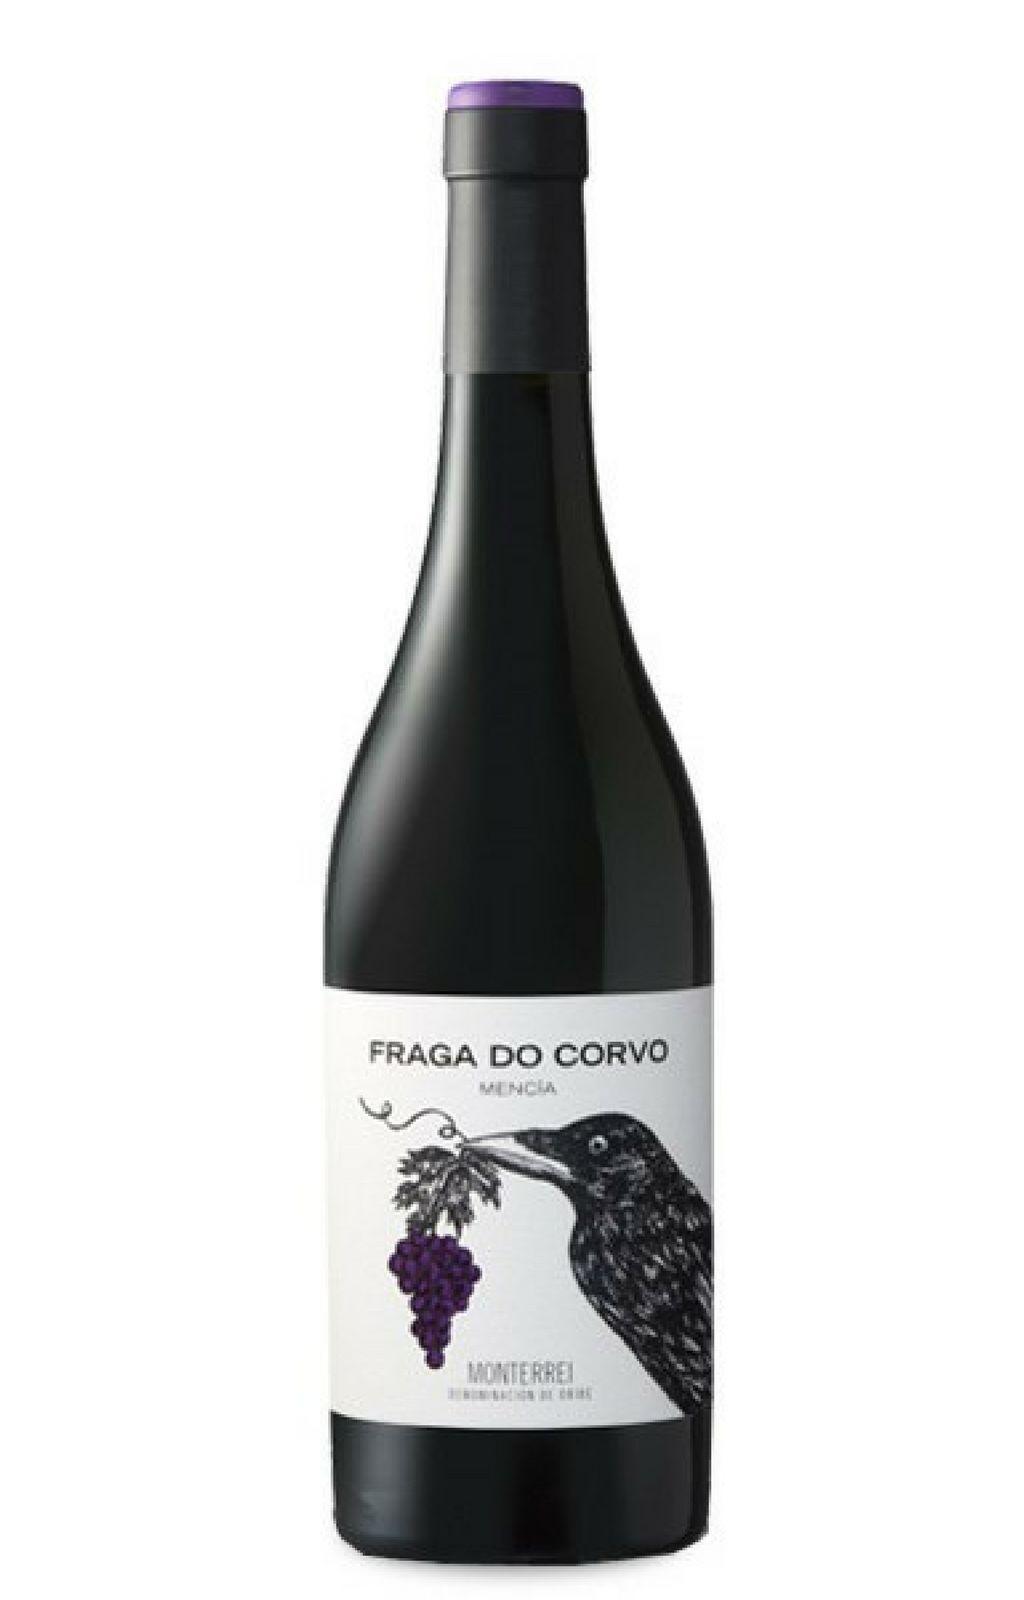 Fraga do Corvo Tinto 2018